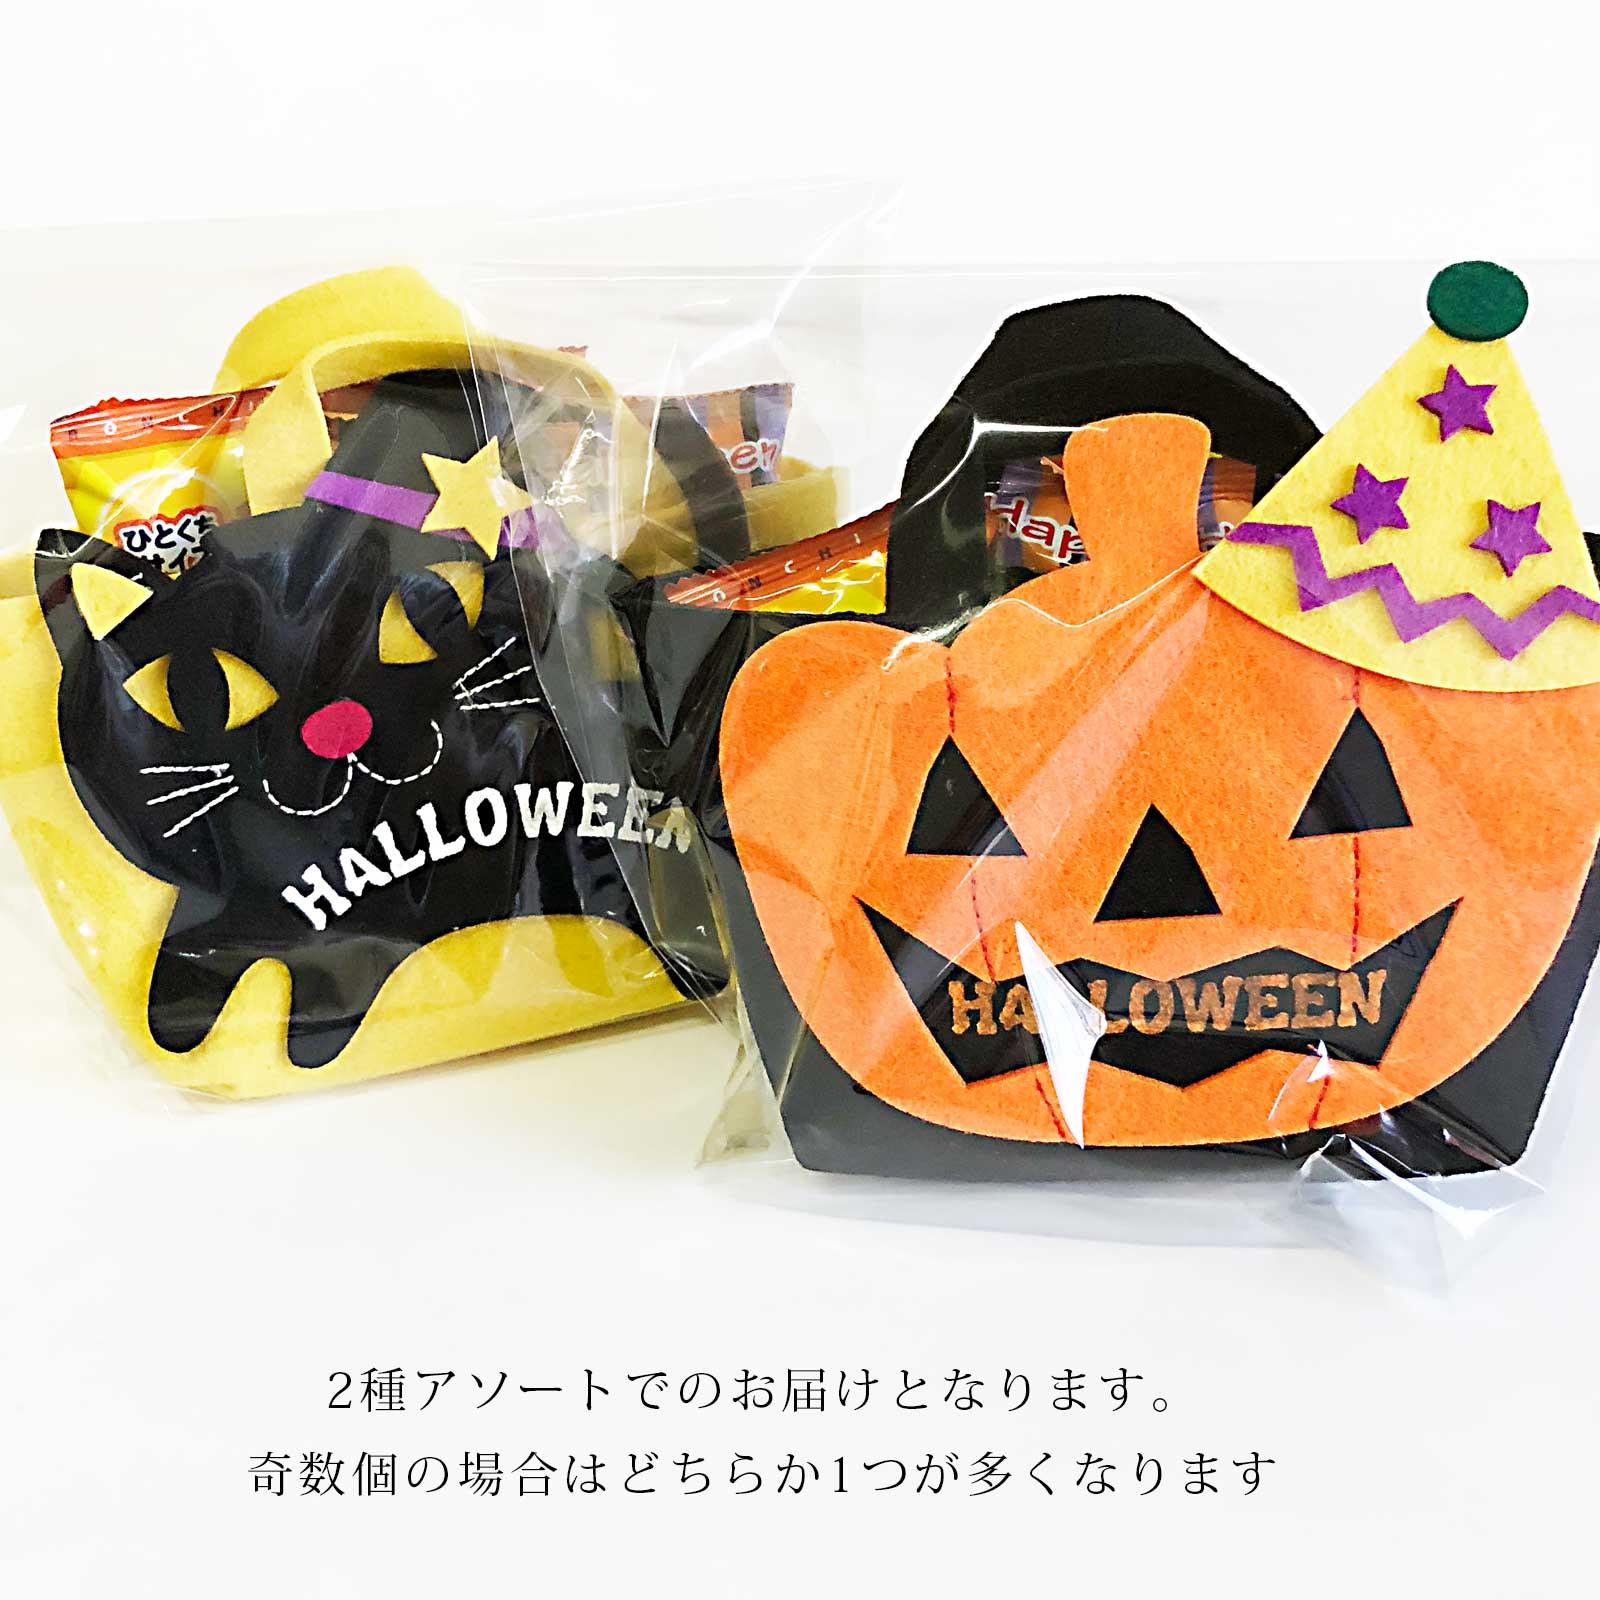 ハロウィン配り用バッグ